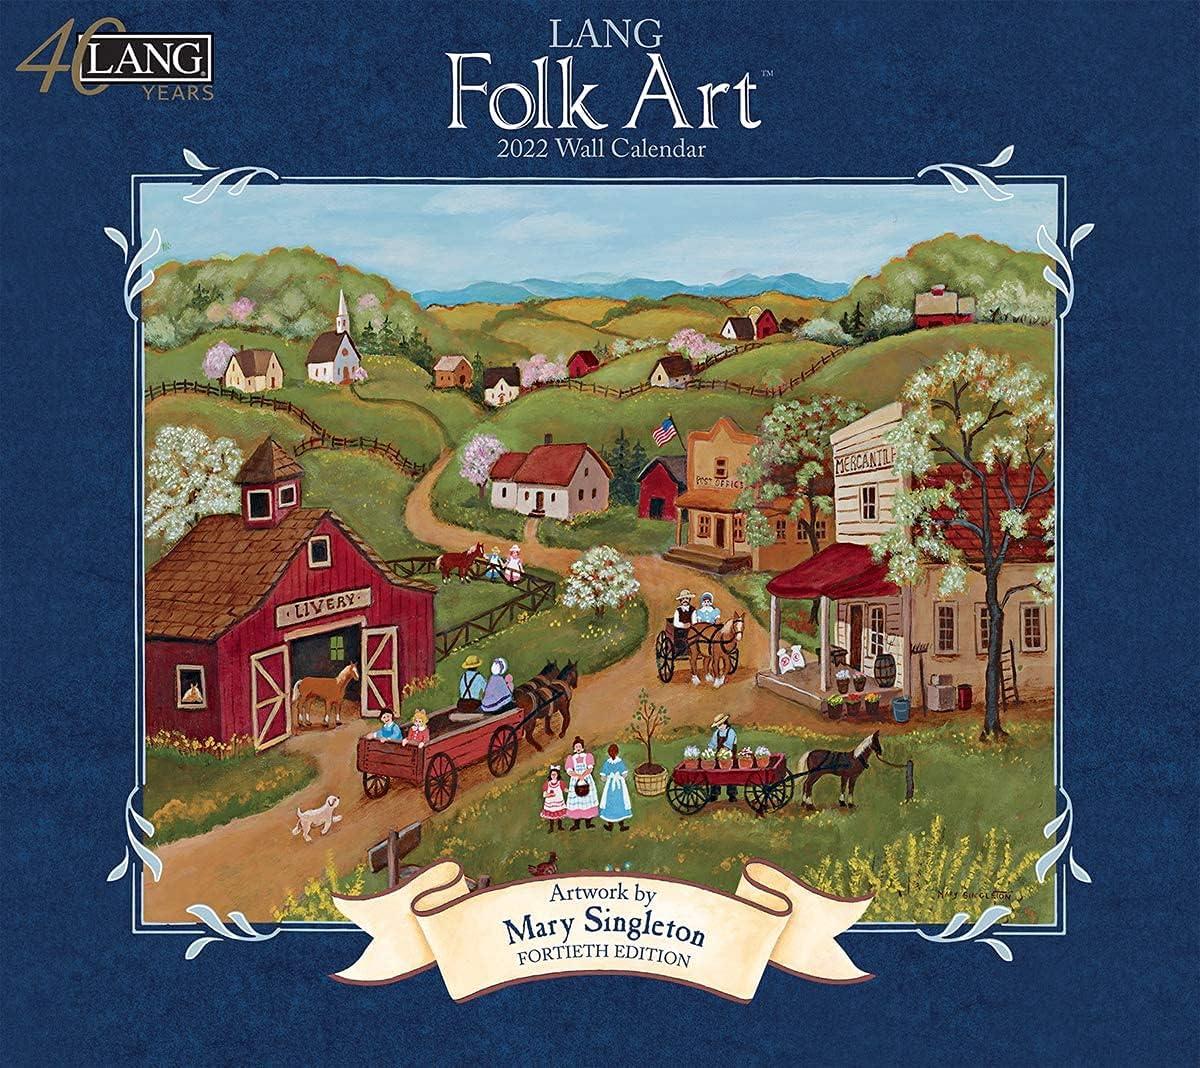 Lang Folk Art Finally New life popular brand 2022 22991001922 Wall Calendar